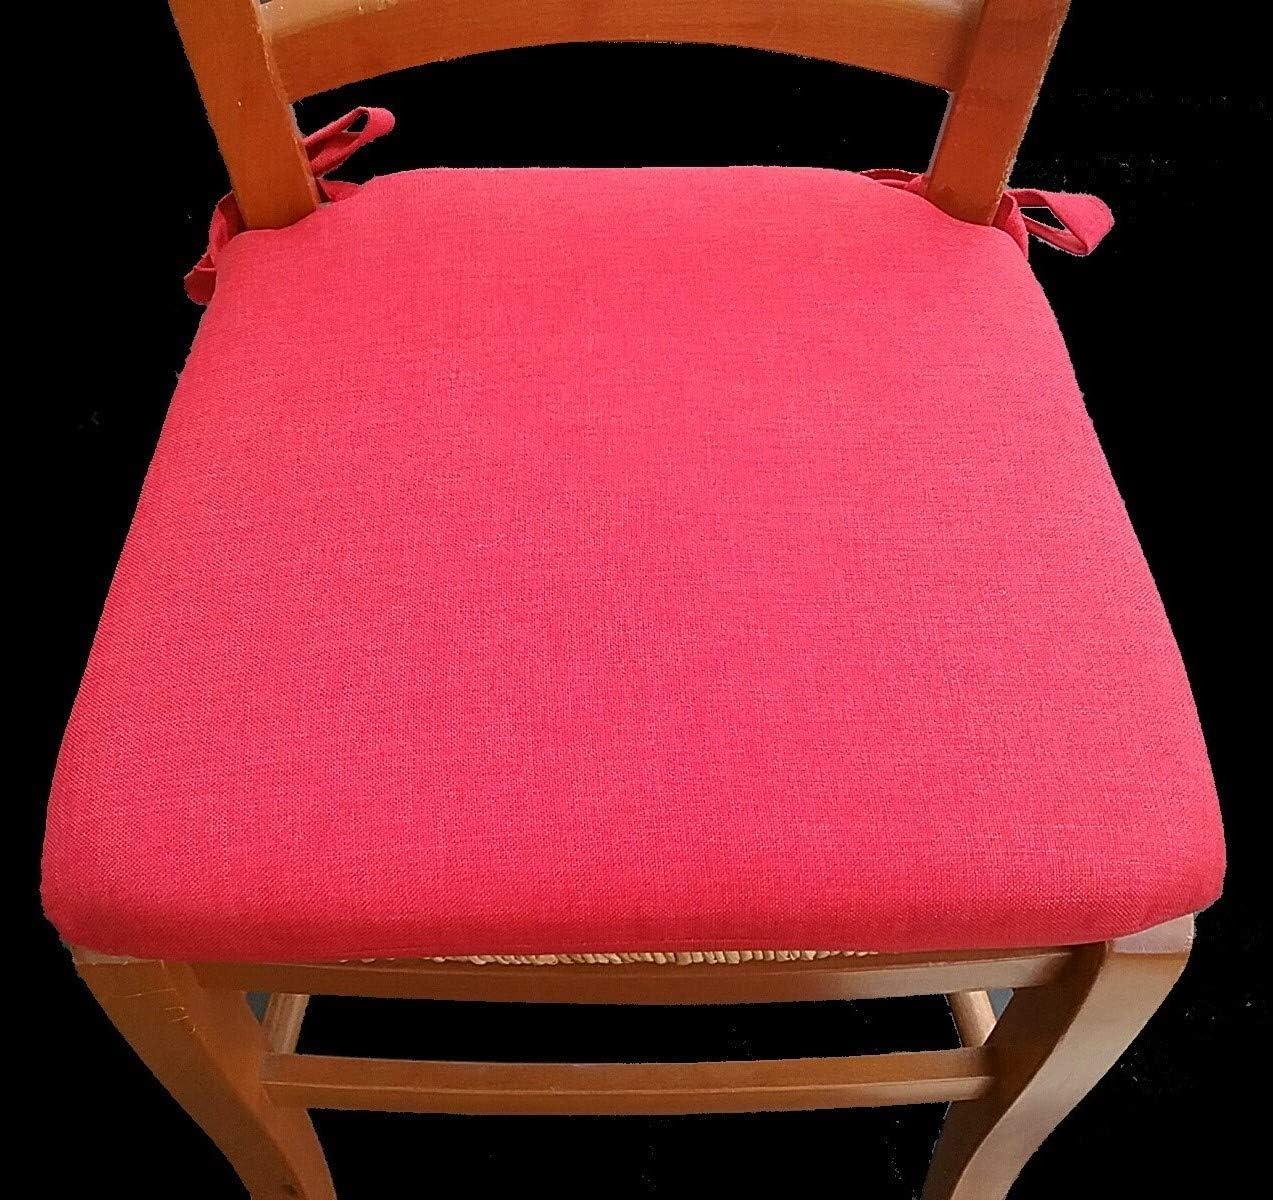 galettes de chaise rouge-Lot de 6-Tissu imperm/éable et anti-taches-avec fermeture /éclair-Mesure cm 40 x 40 x 5